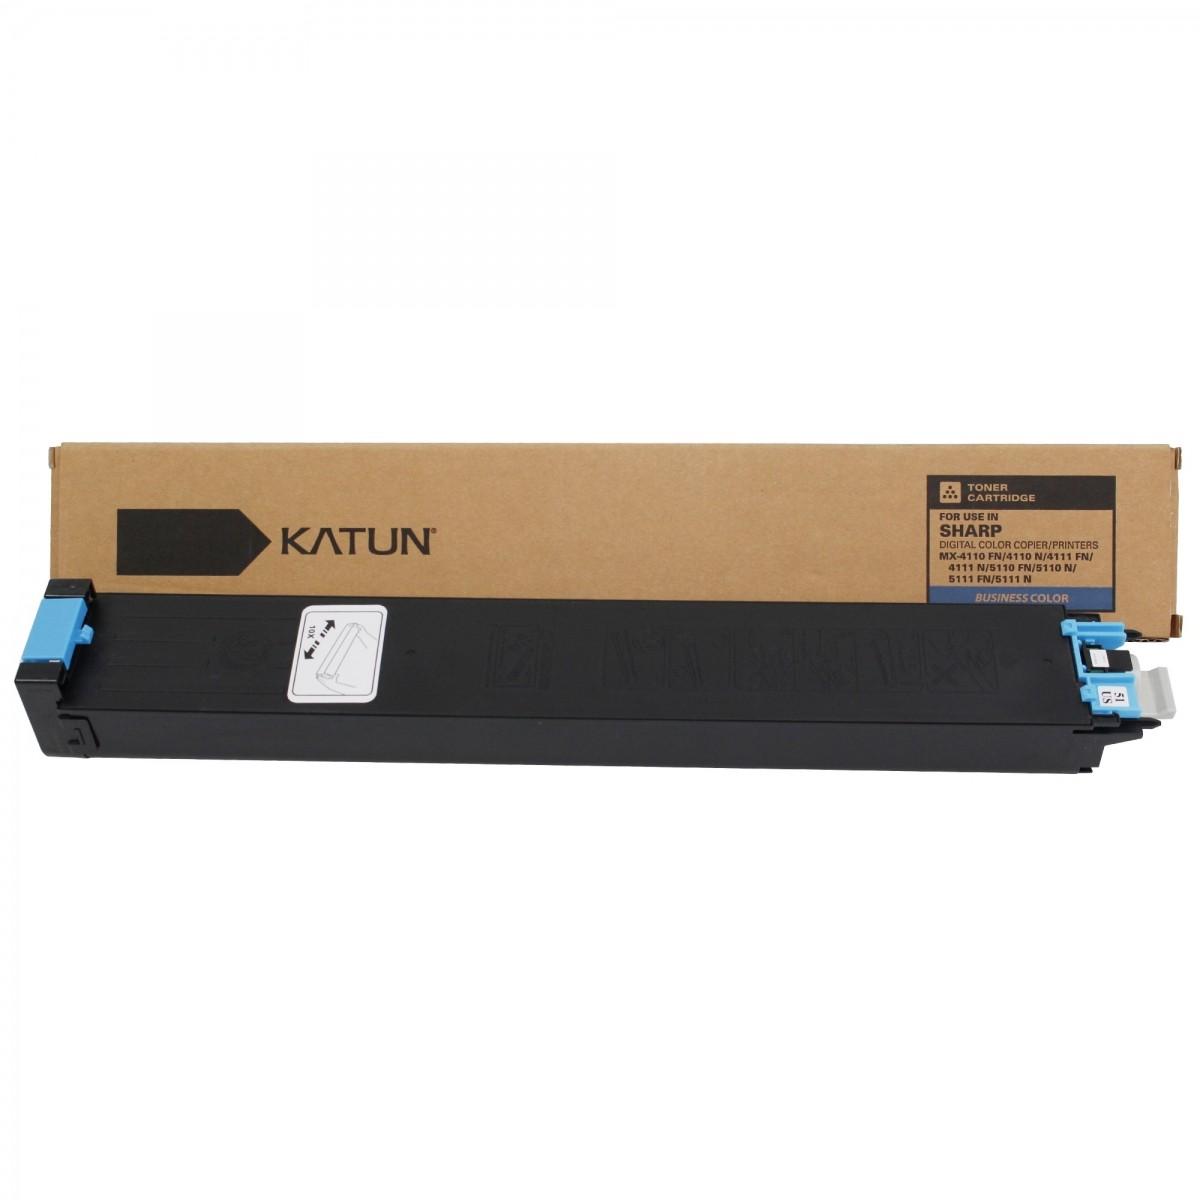 MX51BTCA / MX51NTCA - CARTUCHO DE TONER CYAN COMPATIVEL 100% NOVO PARA SHARP MX4111N, MX5111N